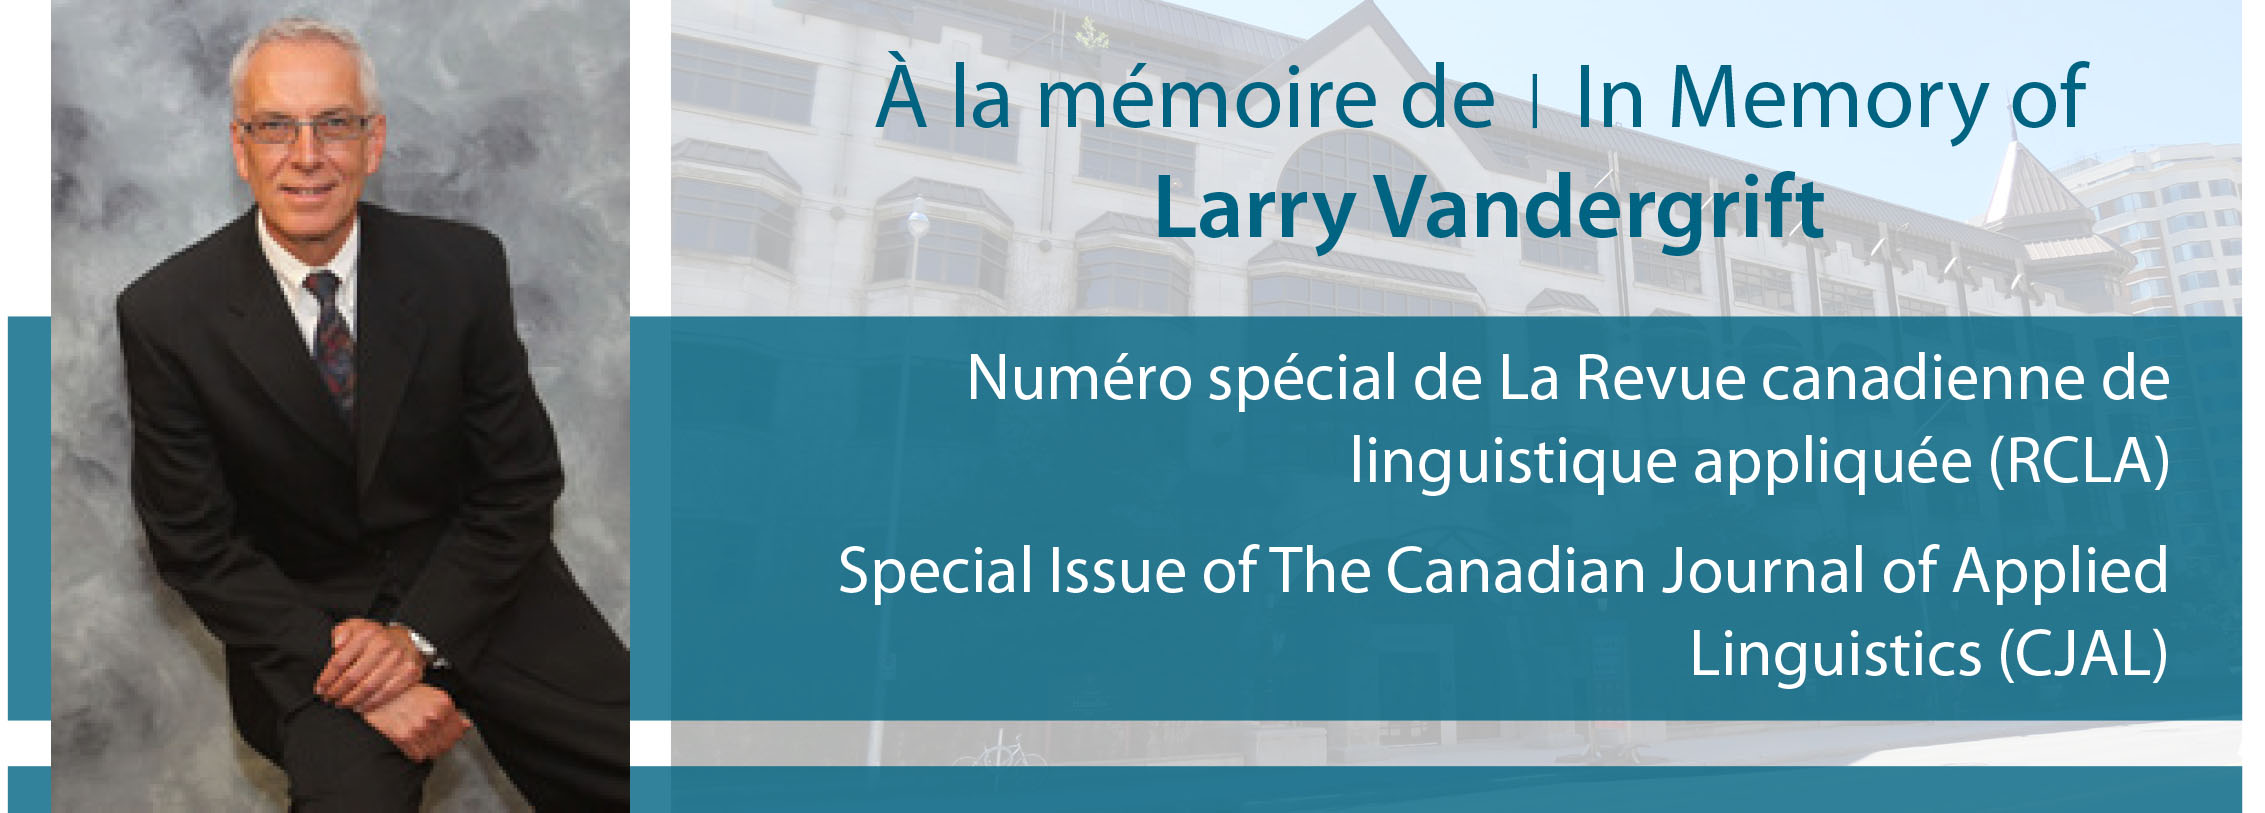 À la mémoire de Larry Vandergrift